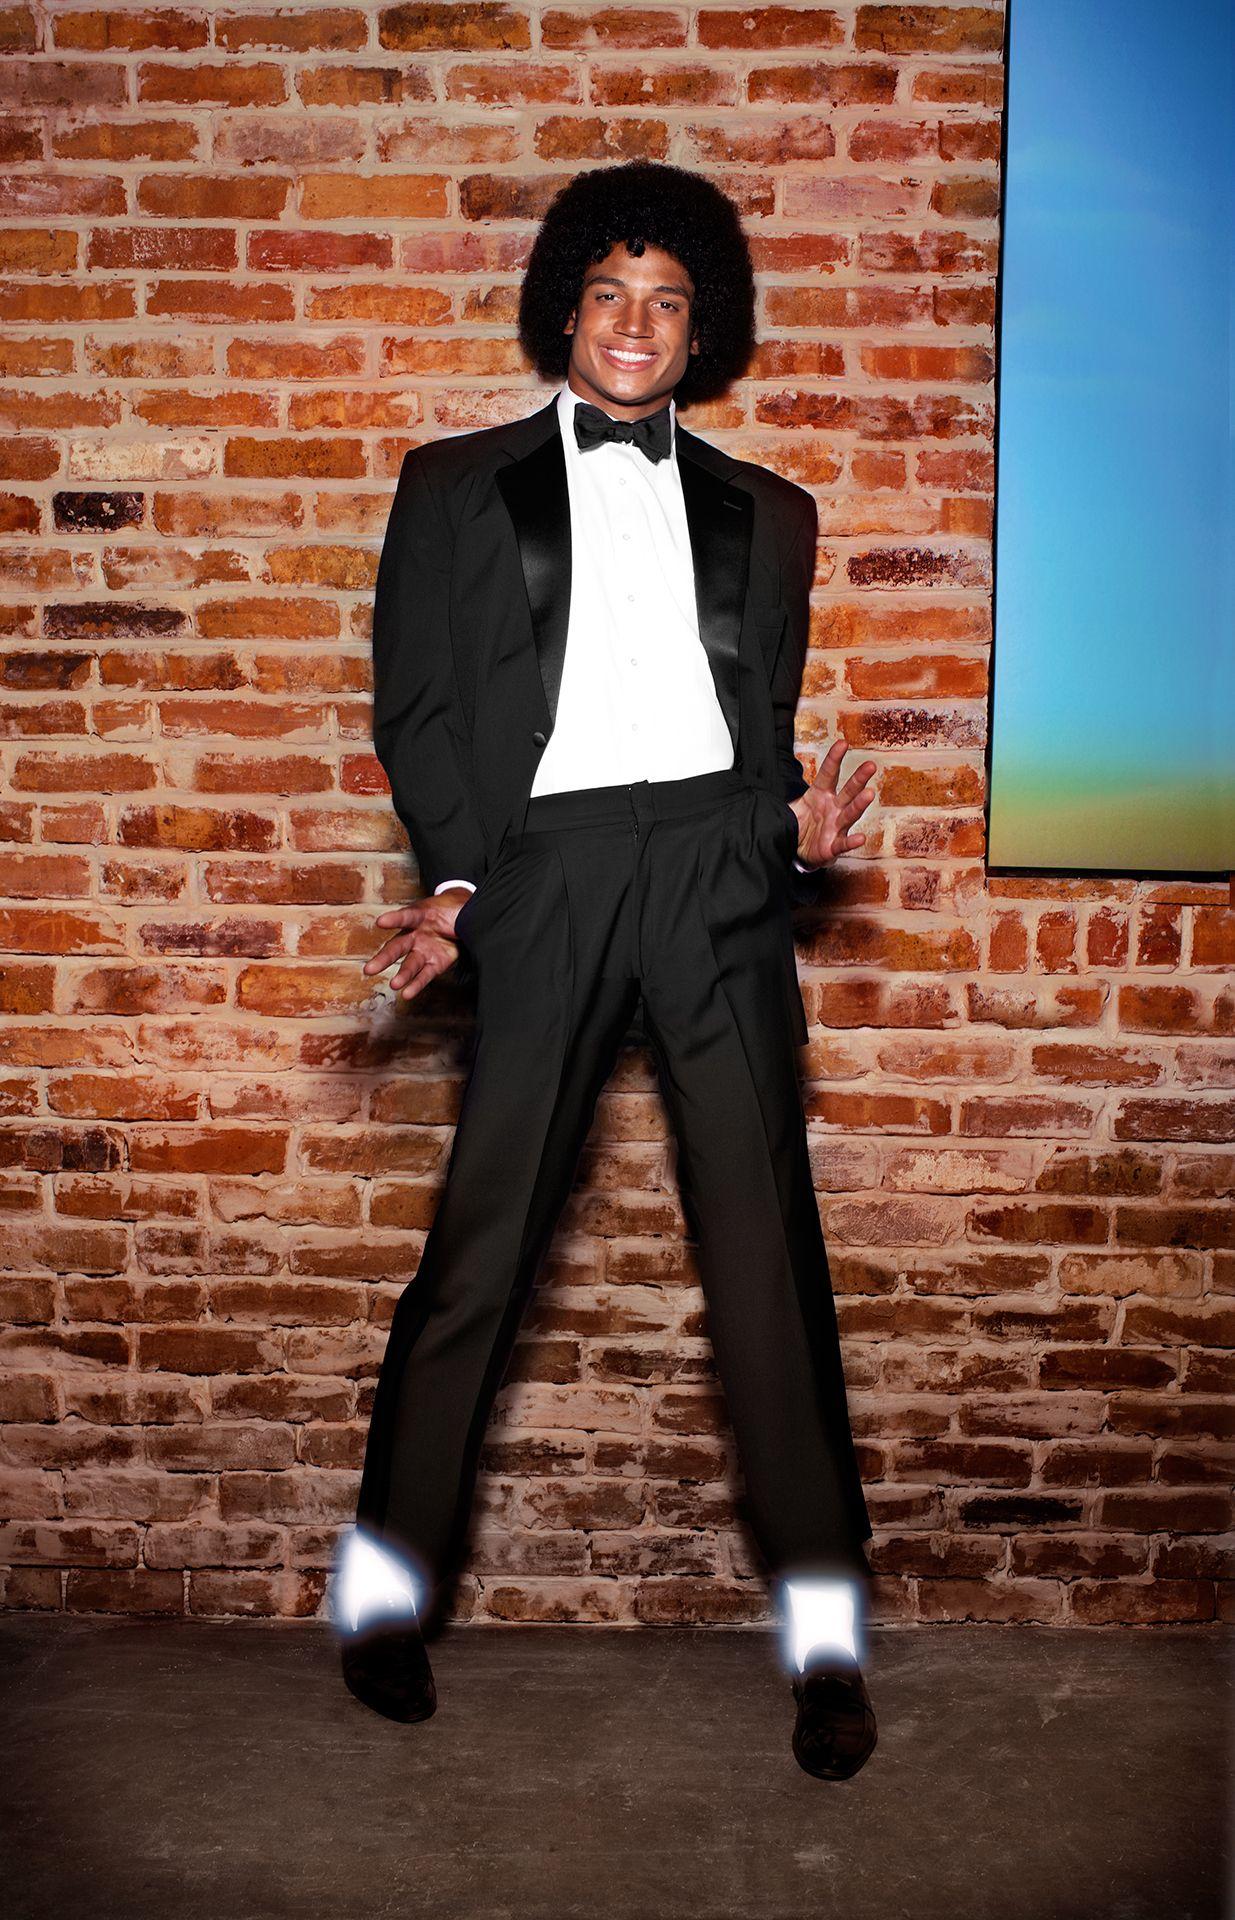 George Freeman, quarterback de los Bucs posa a lo Michael para Revista. I?img=%2Fphoto%2F2013%2F0204%2Fjackson%2F2-1235X1920